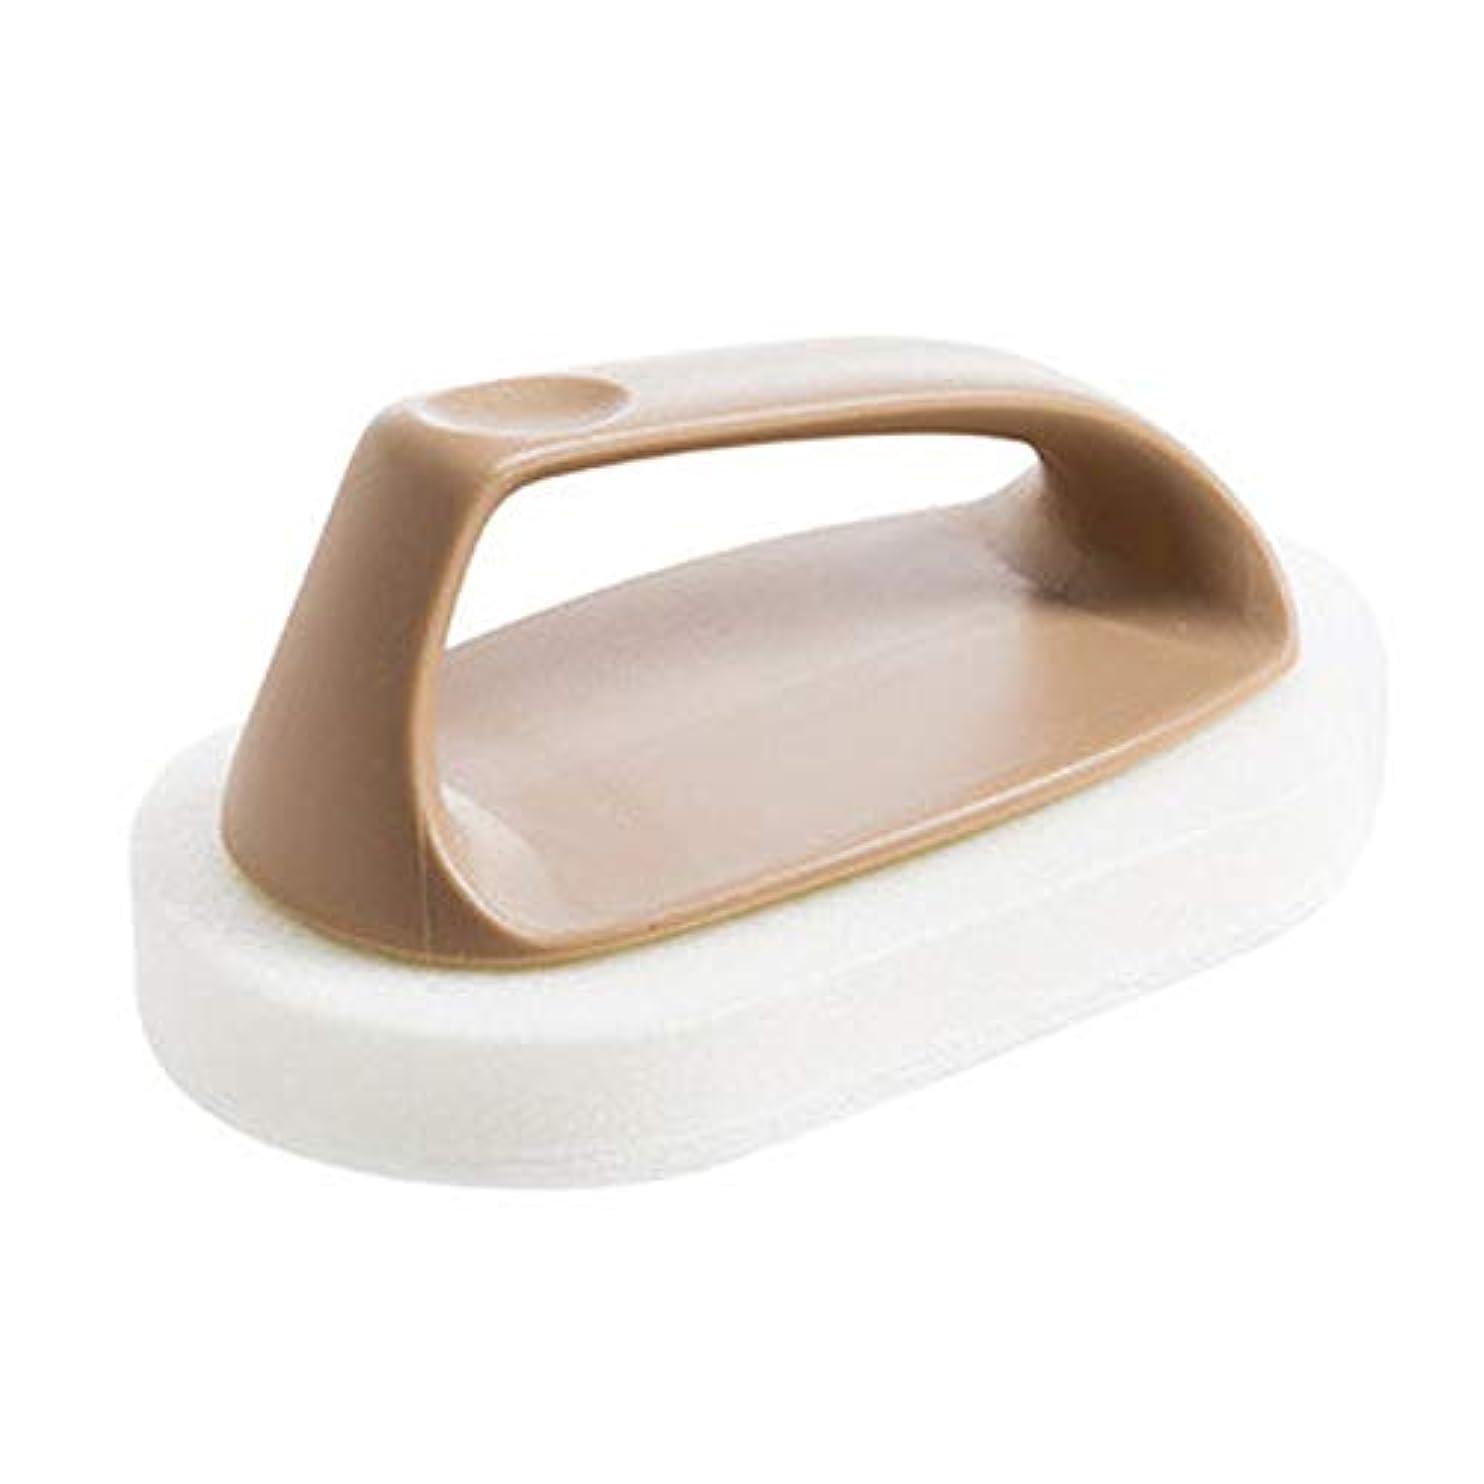 万一に備えて素敵な書き込みポアクリーニング スポンジバスバスルーム強力な汚染除去タイルキッチンウォッシュポットクリーニングブラシストーブスポンジ2 PC マッサージブラシ (色 : 褐色)